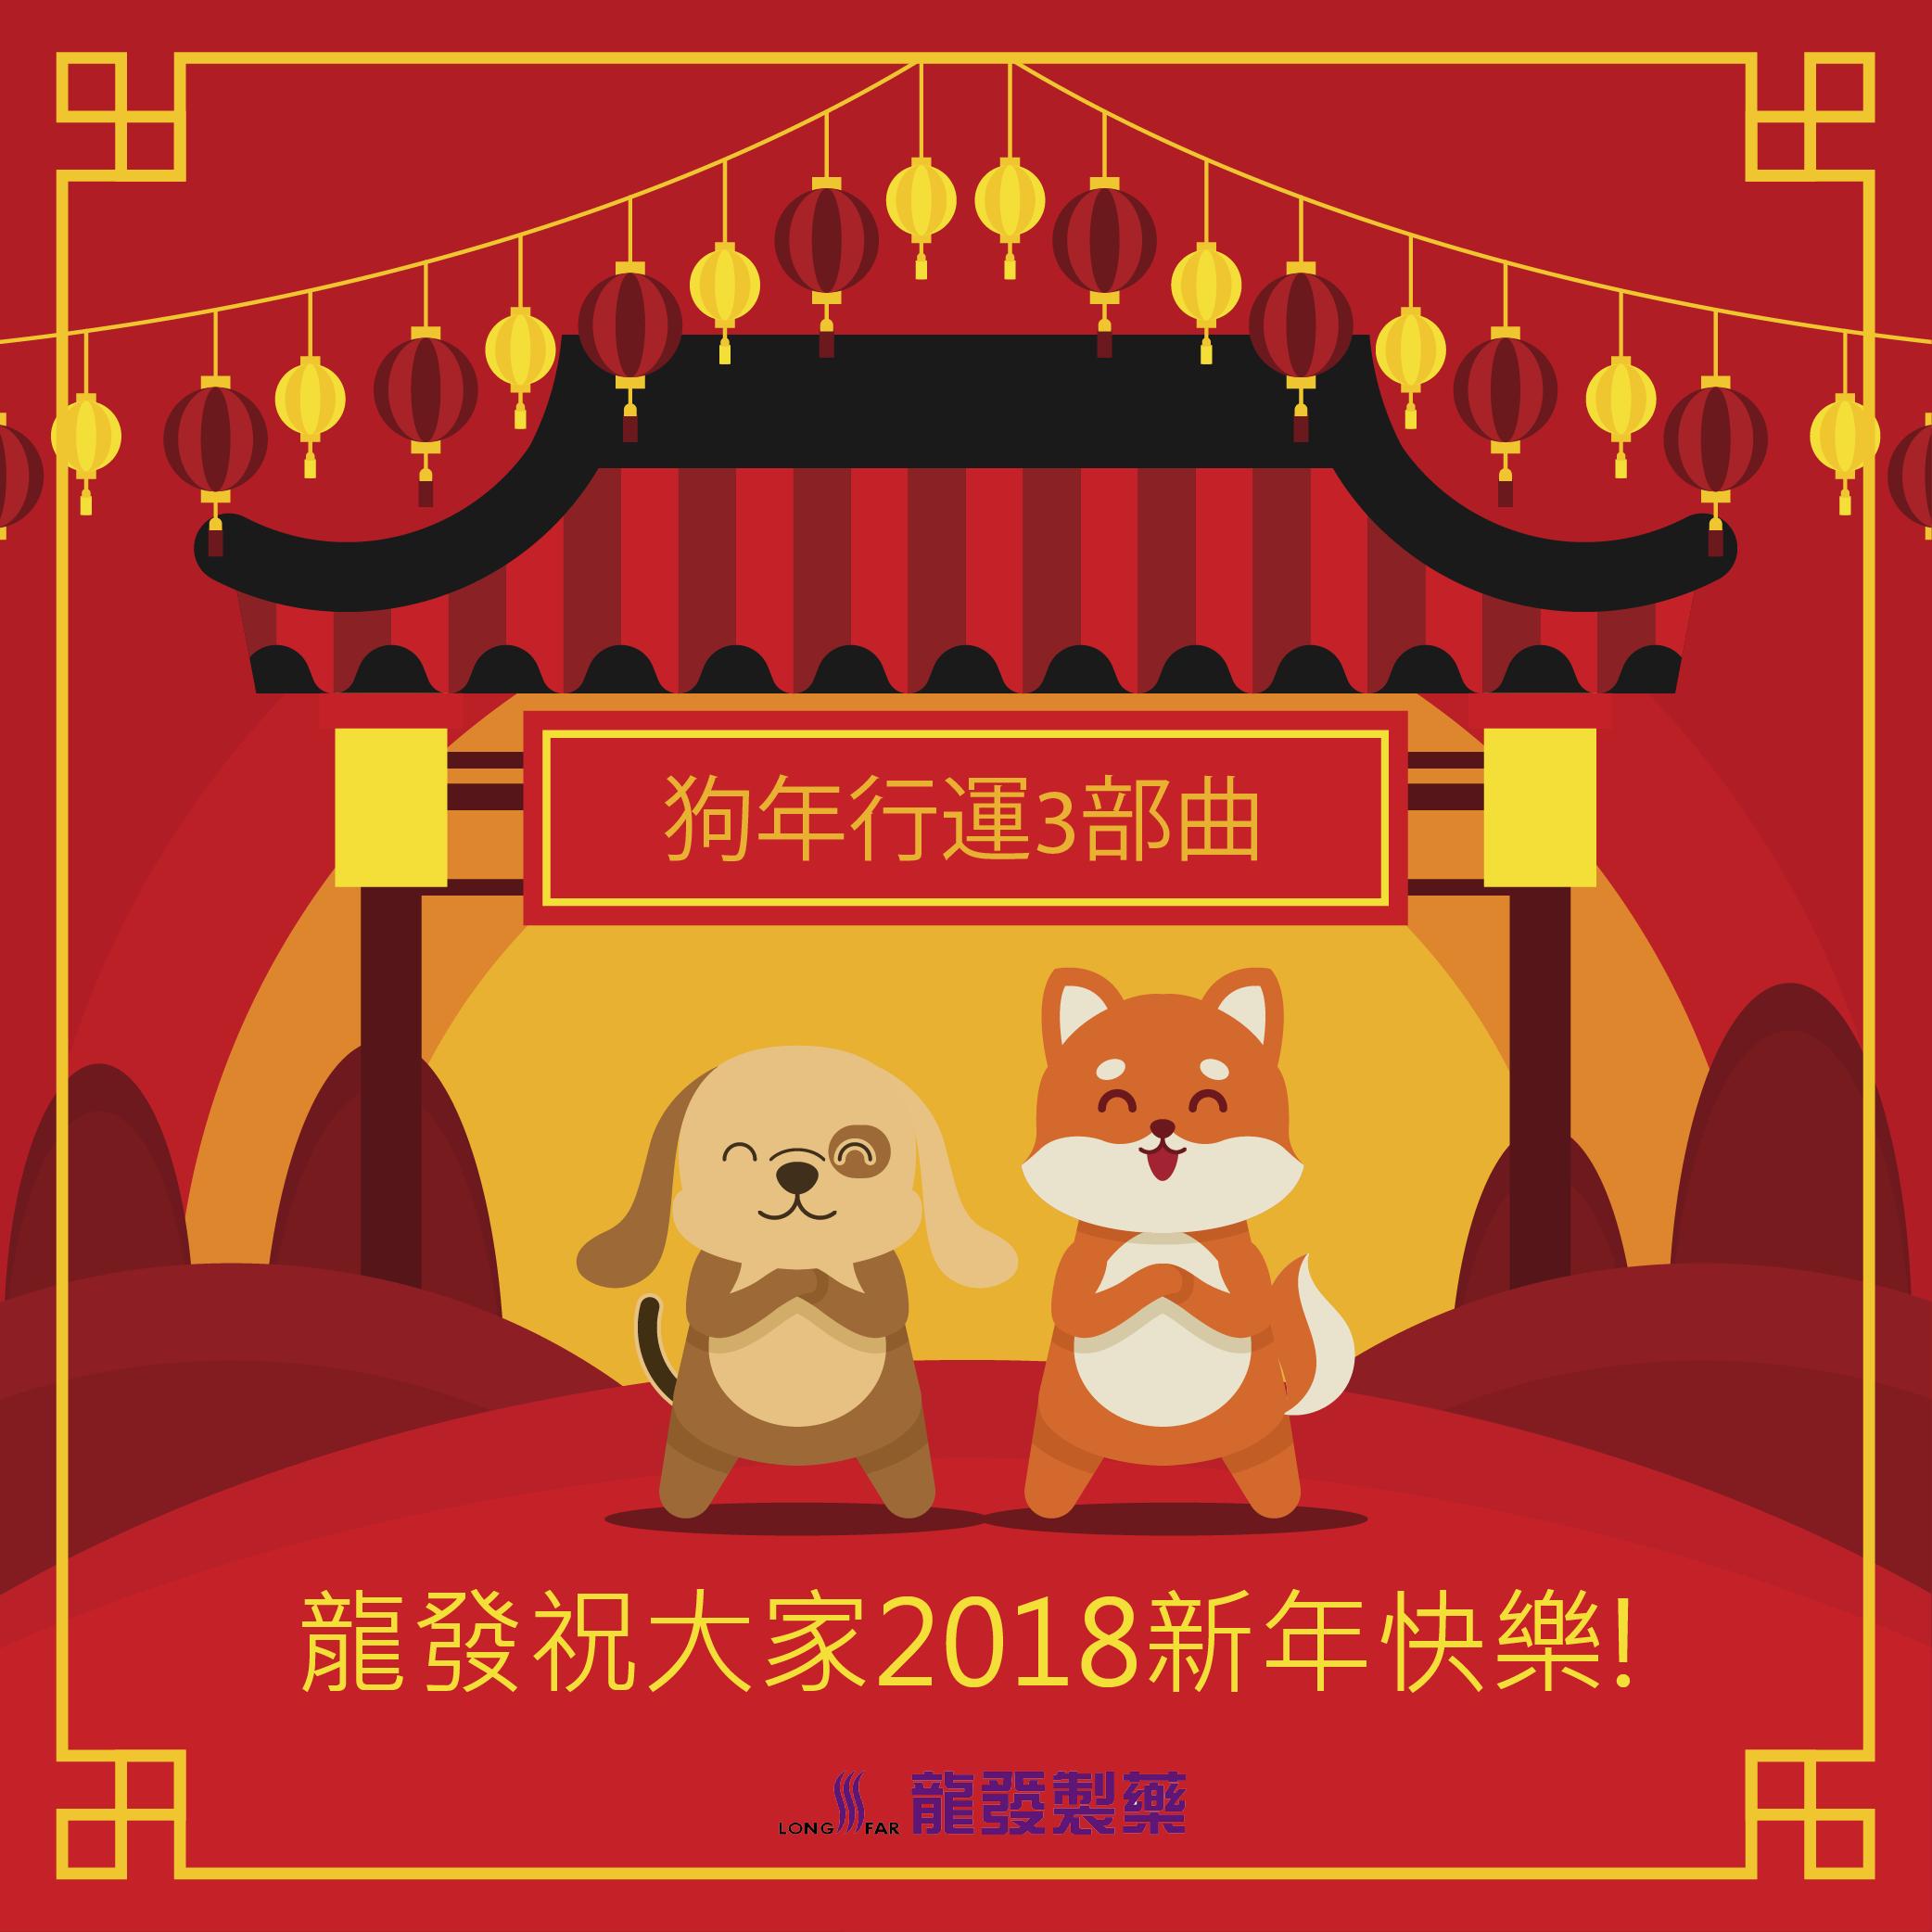 2018 狗年行運3部曲(龍發會員)